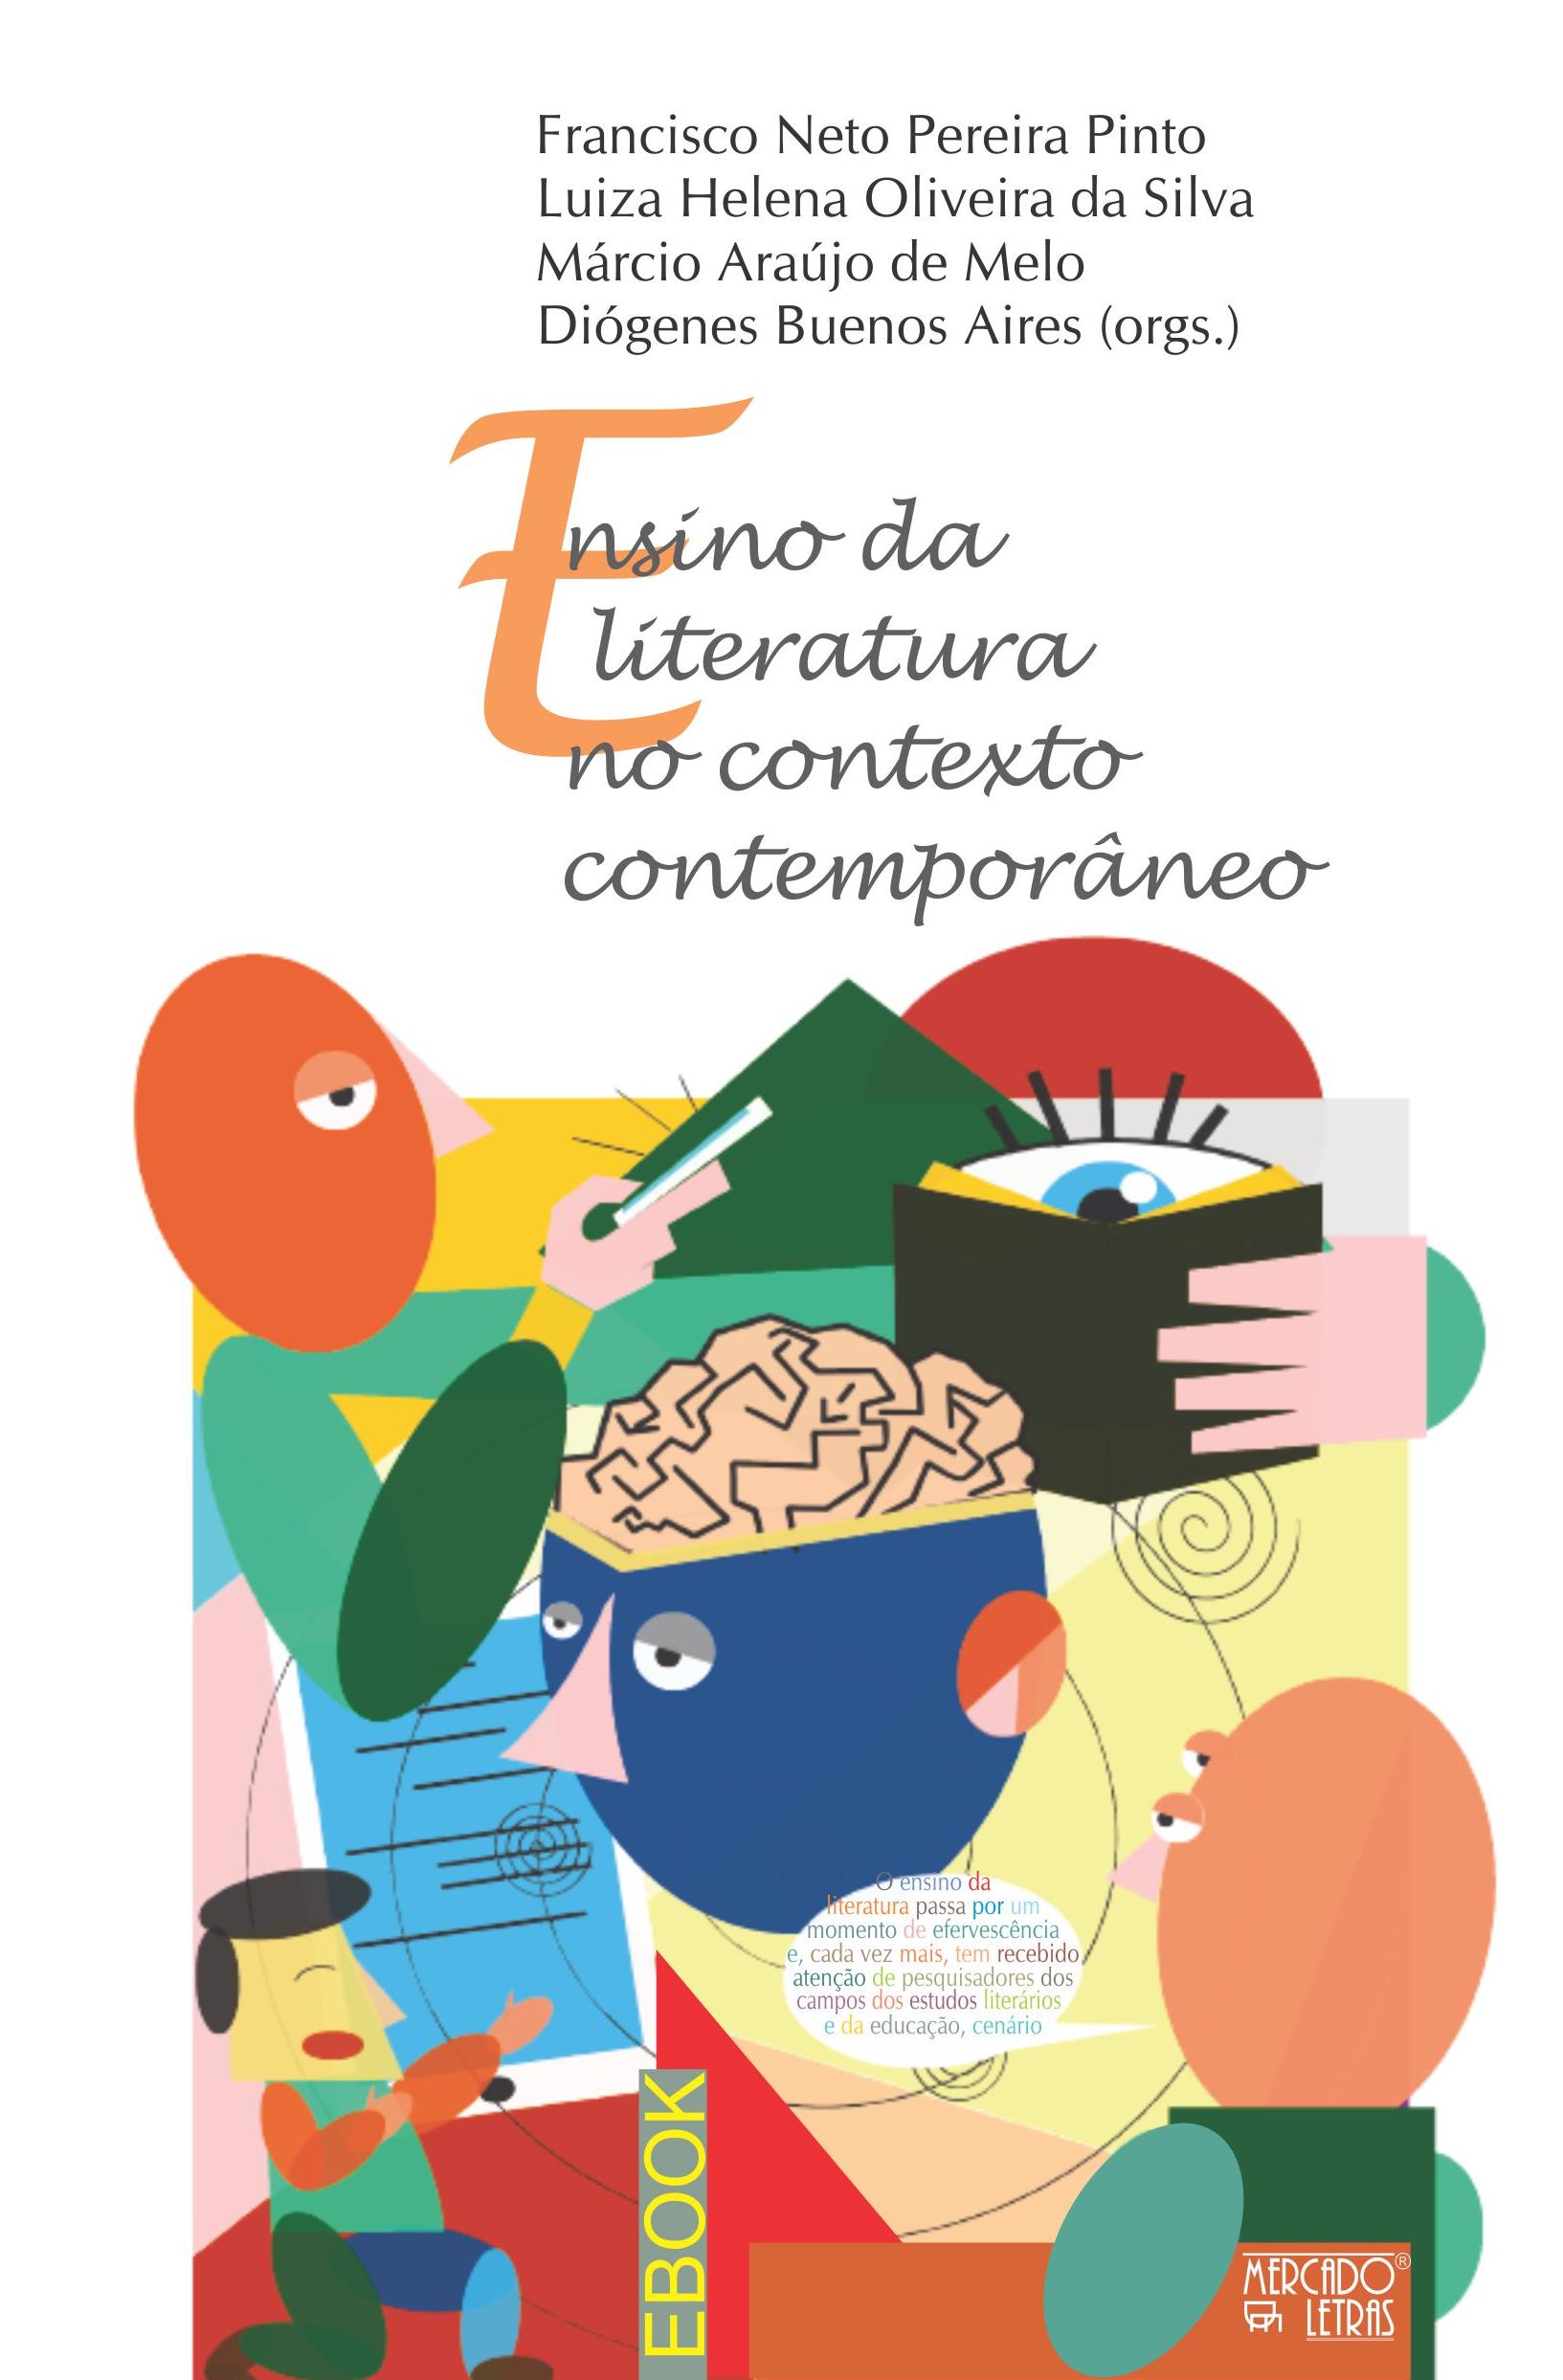 Ensino da literatura no contexto contemporâneo, livro de Luiza Helena Oliveira Da Silva, Francisco Neto Pereira Pinto, Diógenes Buenos Aires, Márcio Araújo de Melo